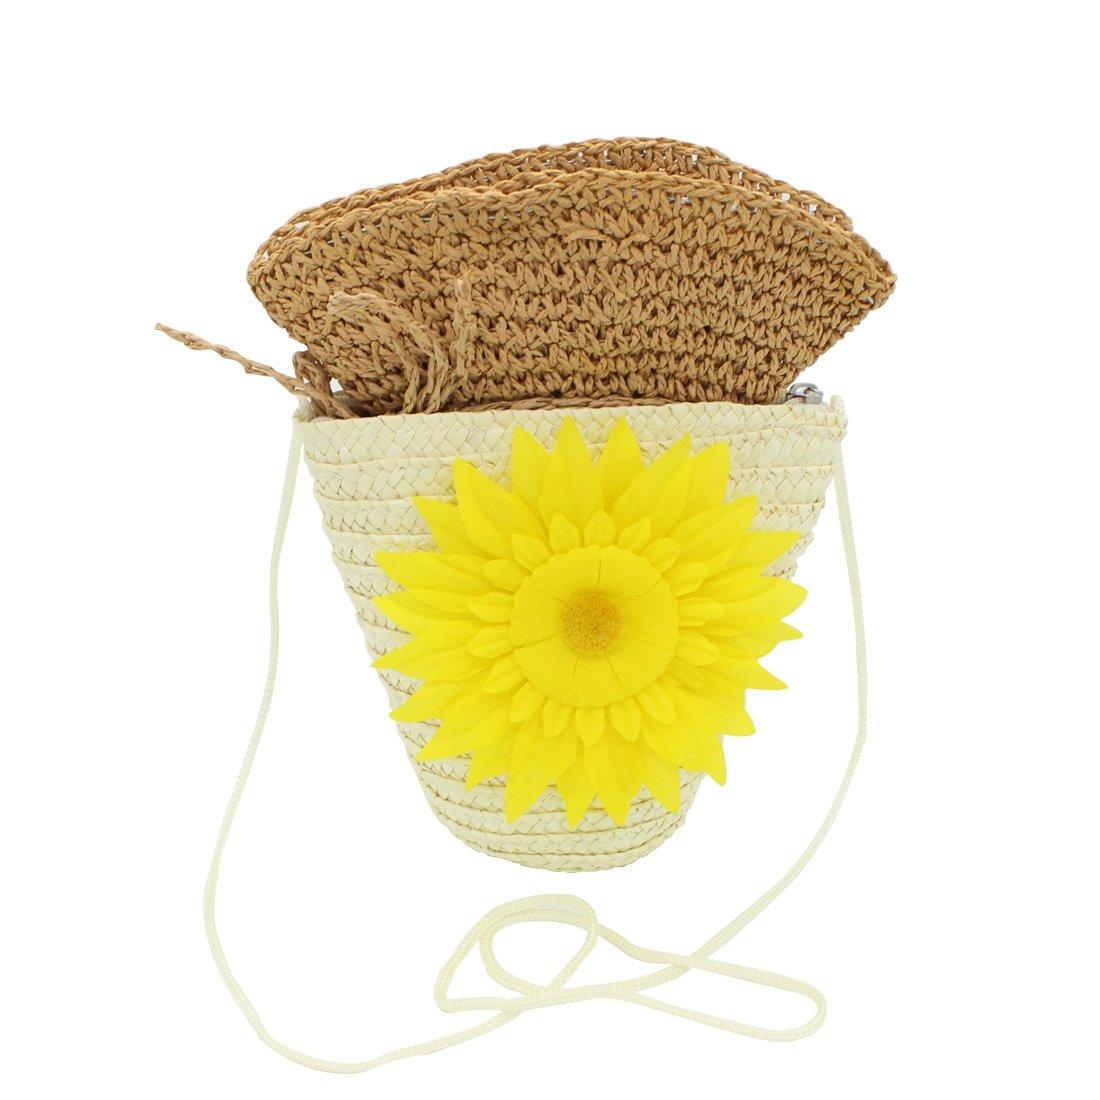 8bdb30df87862 Yopindo Hat Purse Set Sombrero De Sol Sombrero De Playa P ...